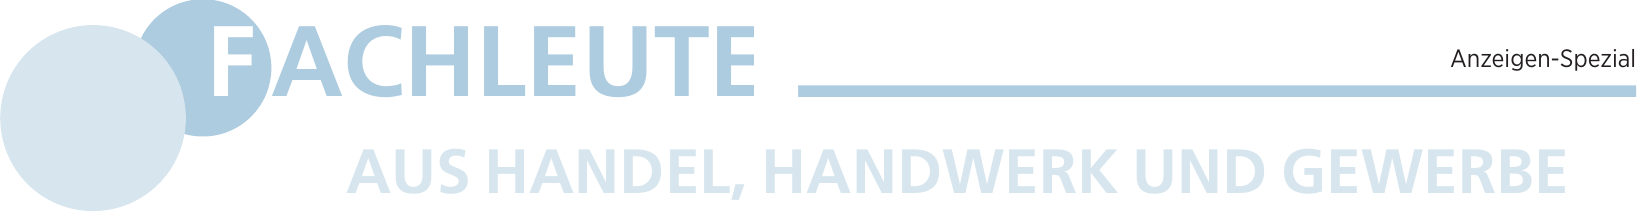 Fachleute aus Handel, Handwerk und Gewerbe Image 1